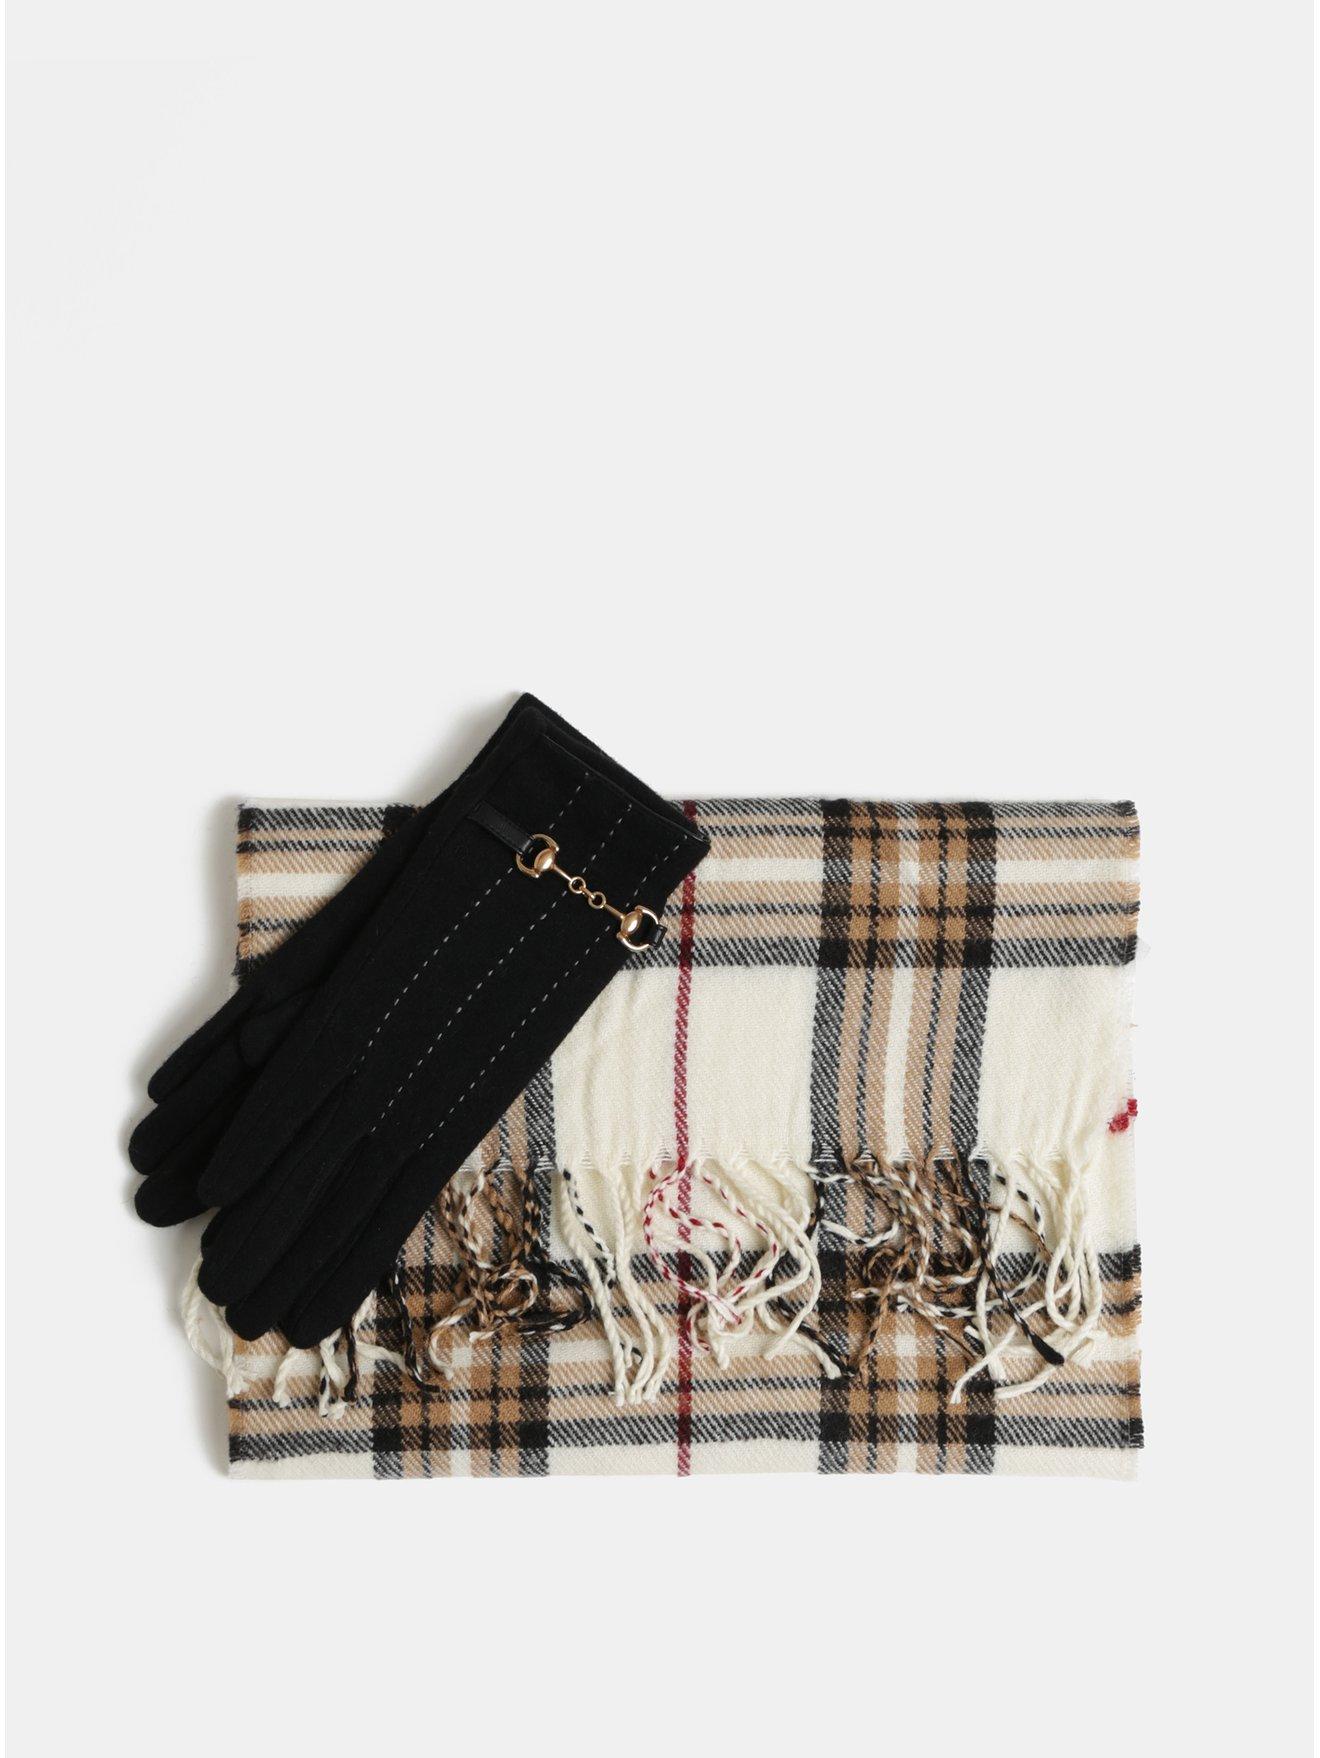 Sada šály a vlněných rukavic v černé a krémové barvě v dárkovém balení  Something Special 1121a80665